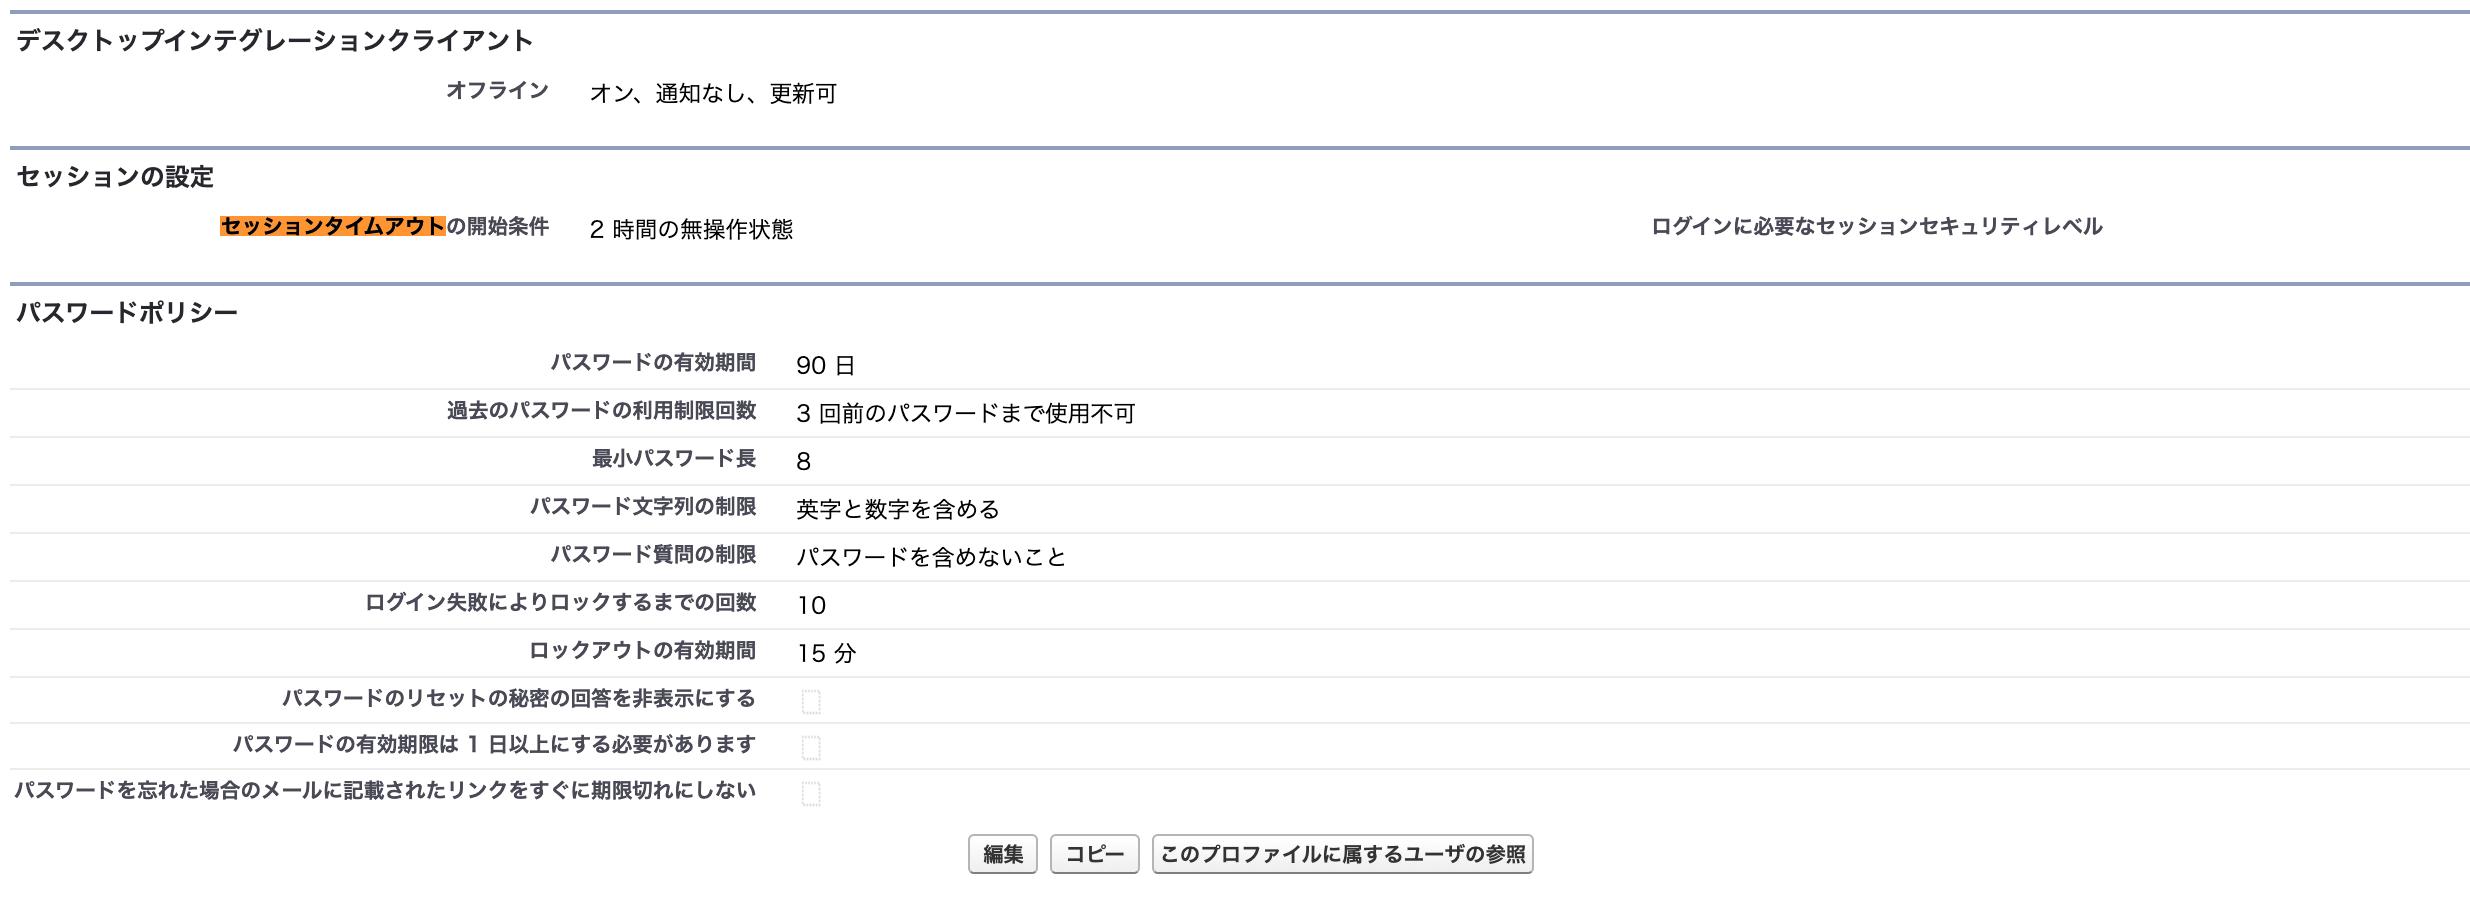 プロファイル___Salesforce